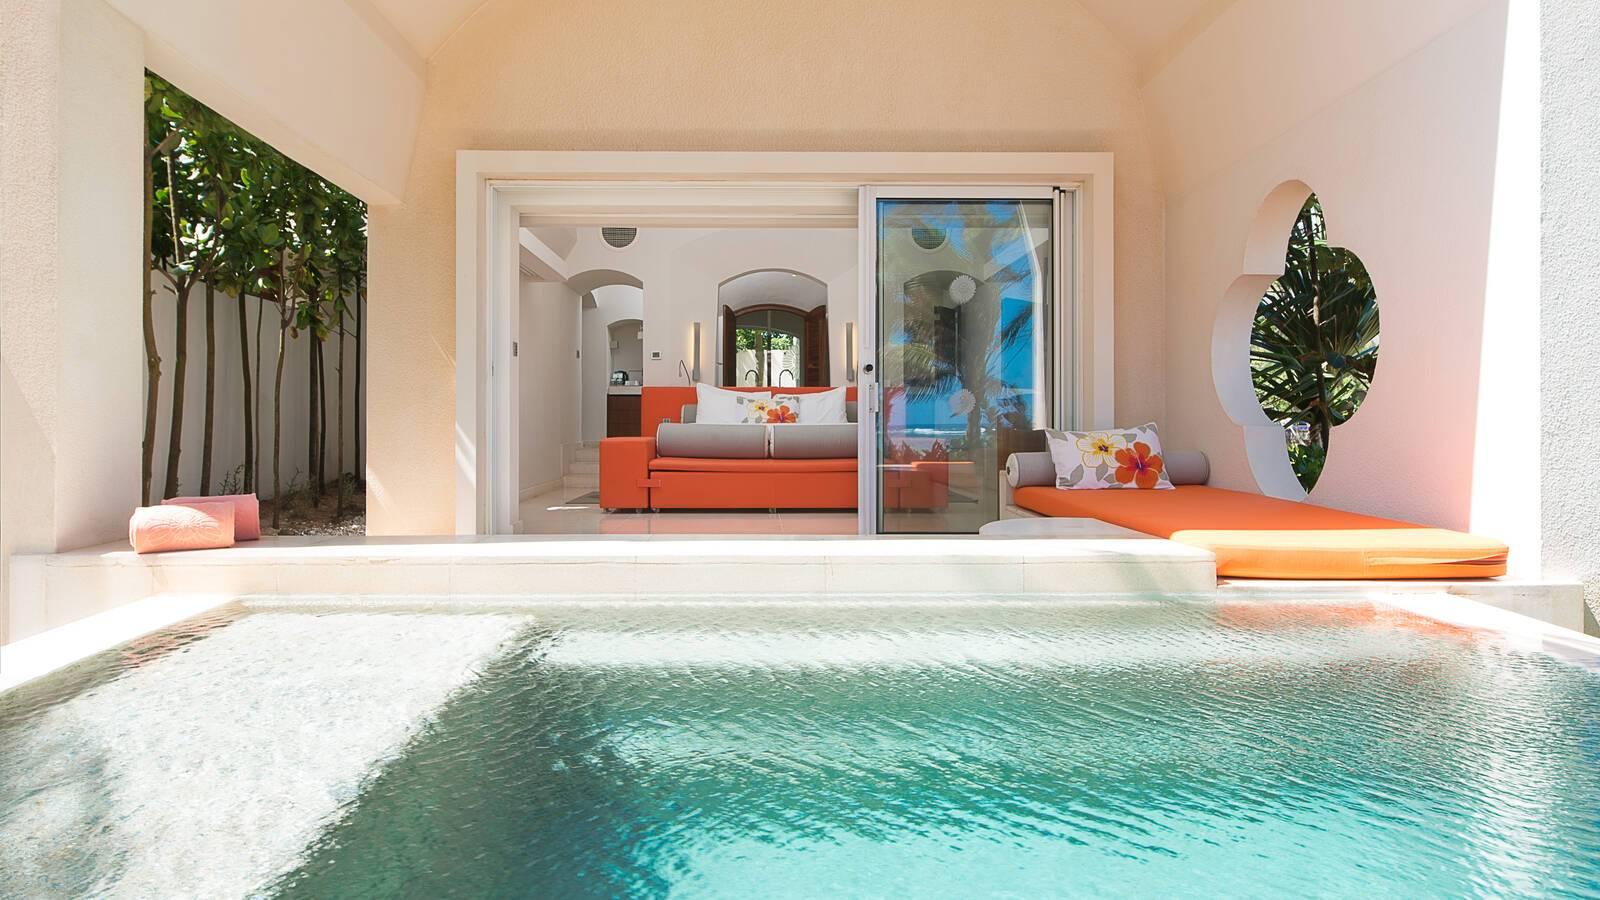 Sofitel So Maurituis suite beach piscine